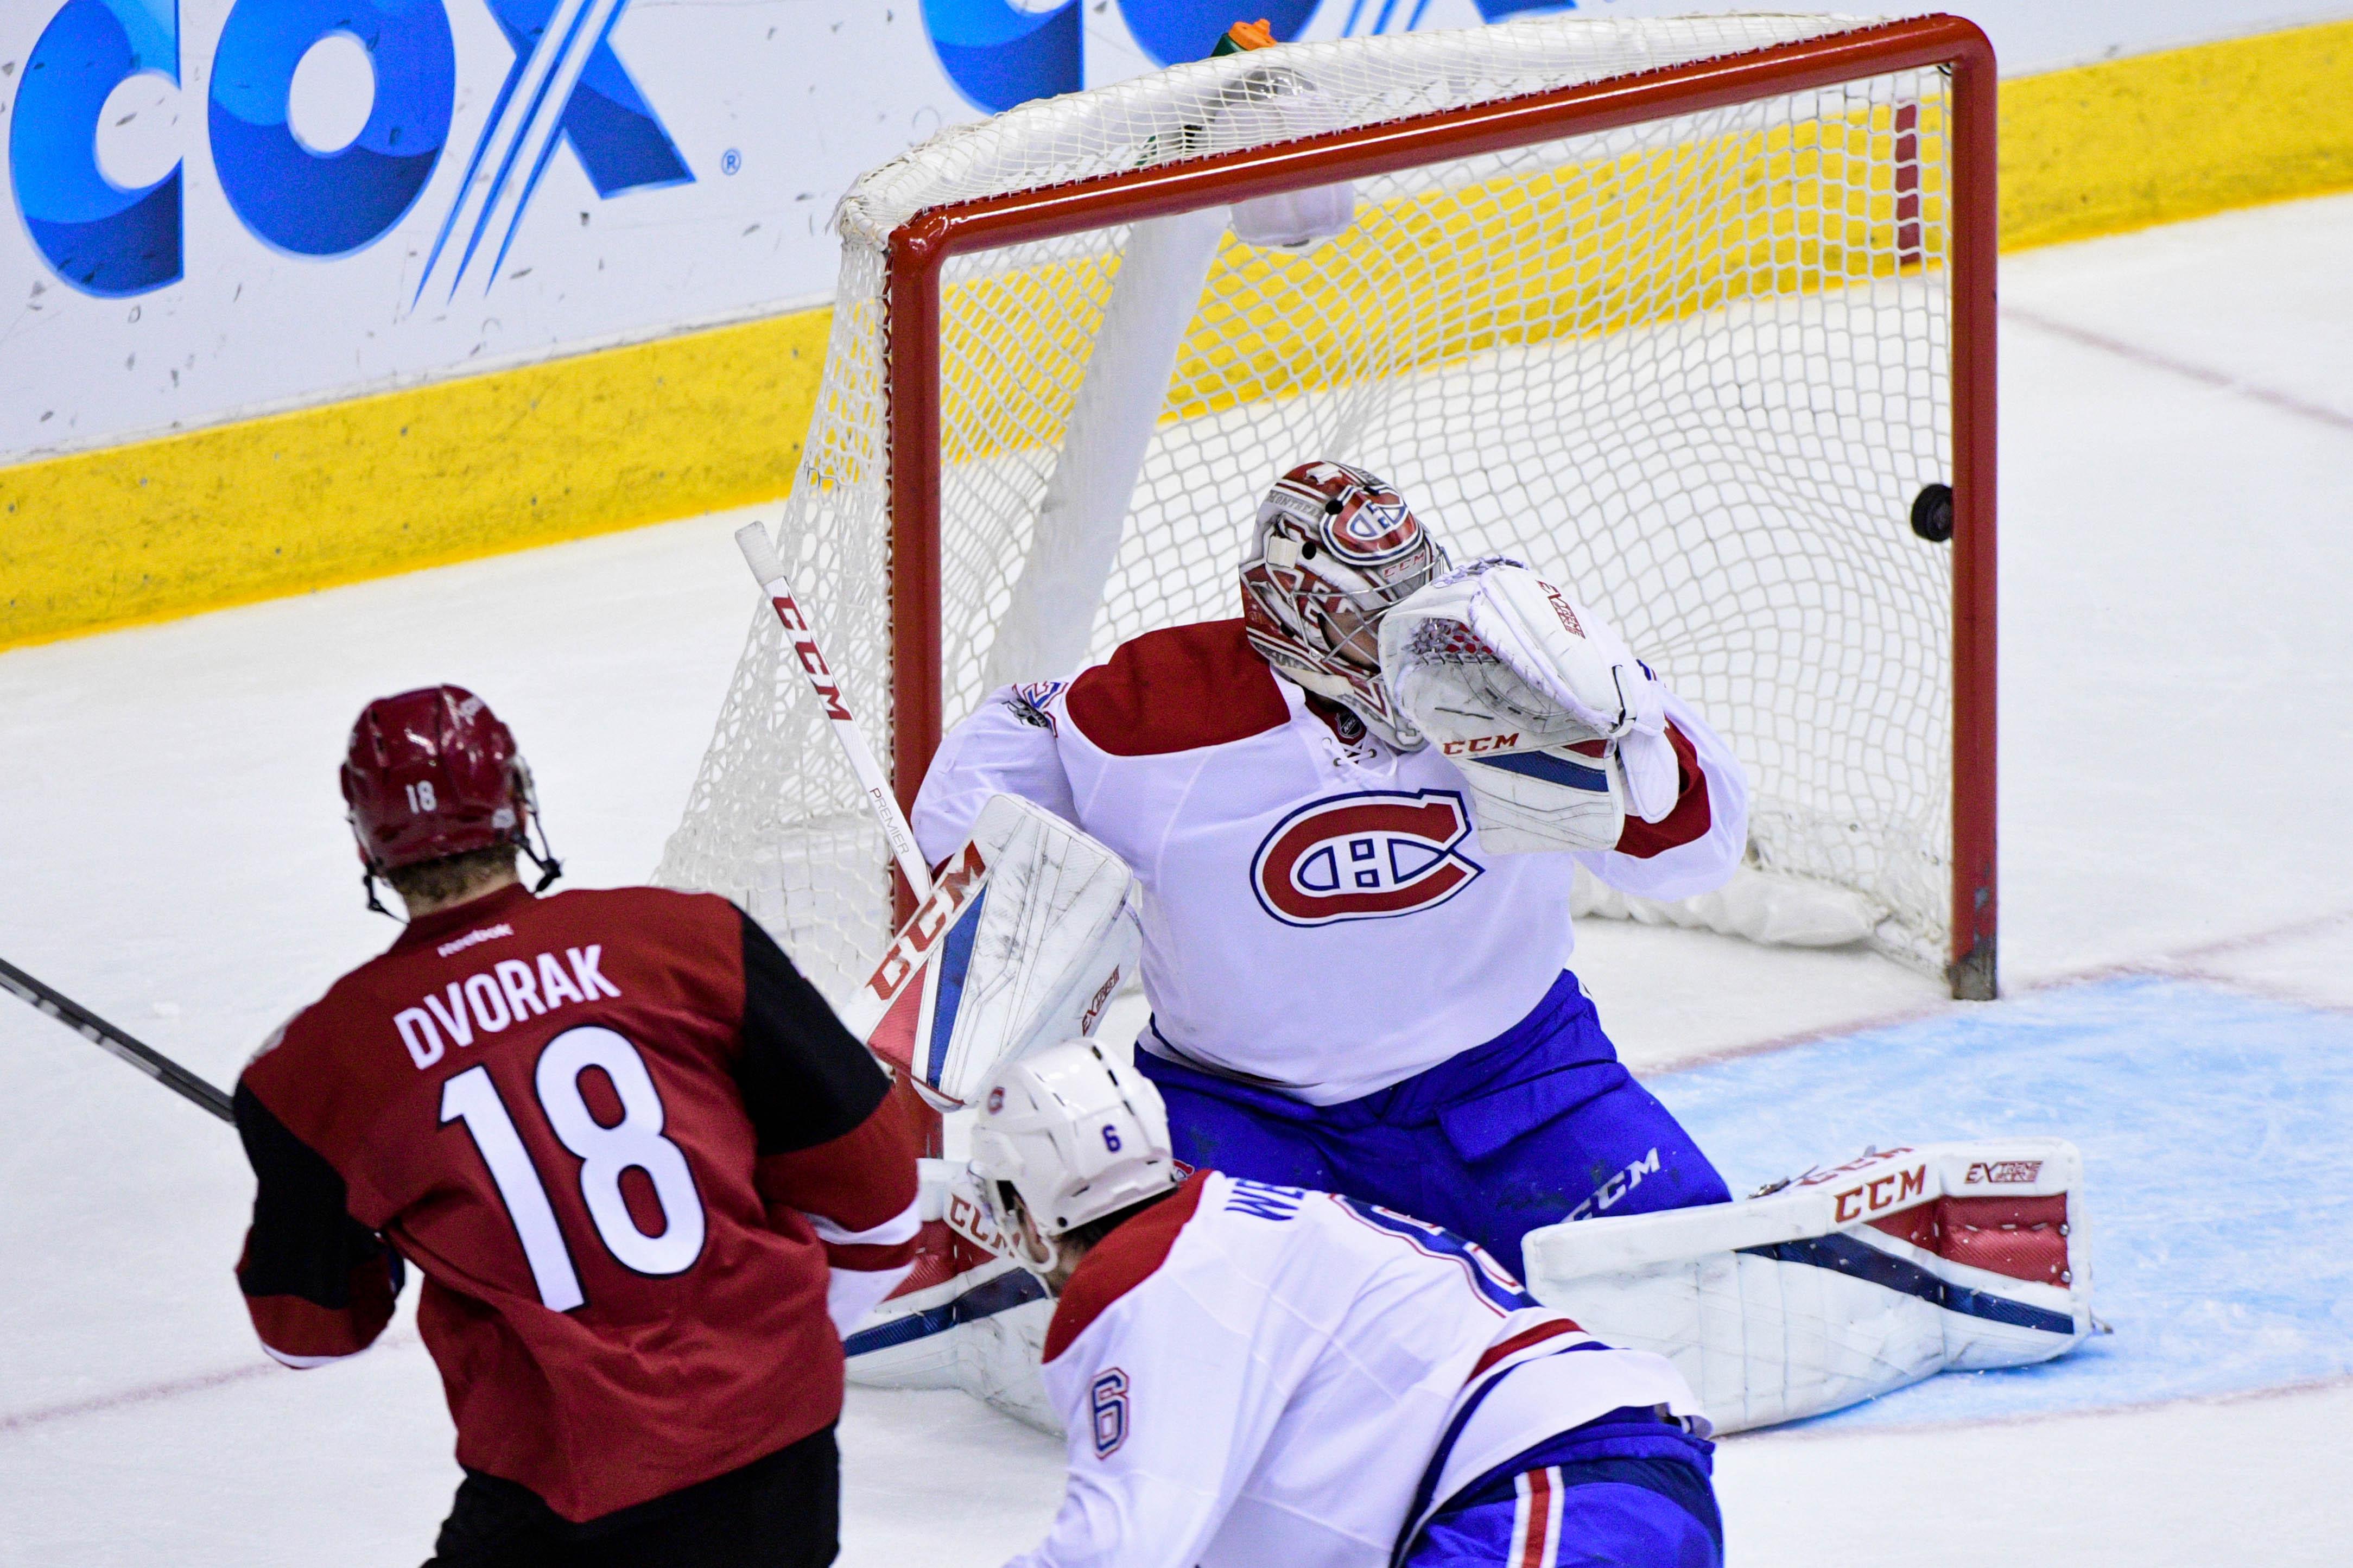 NHL: Montreal Canadiens at Arizona Coyotes